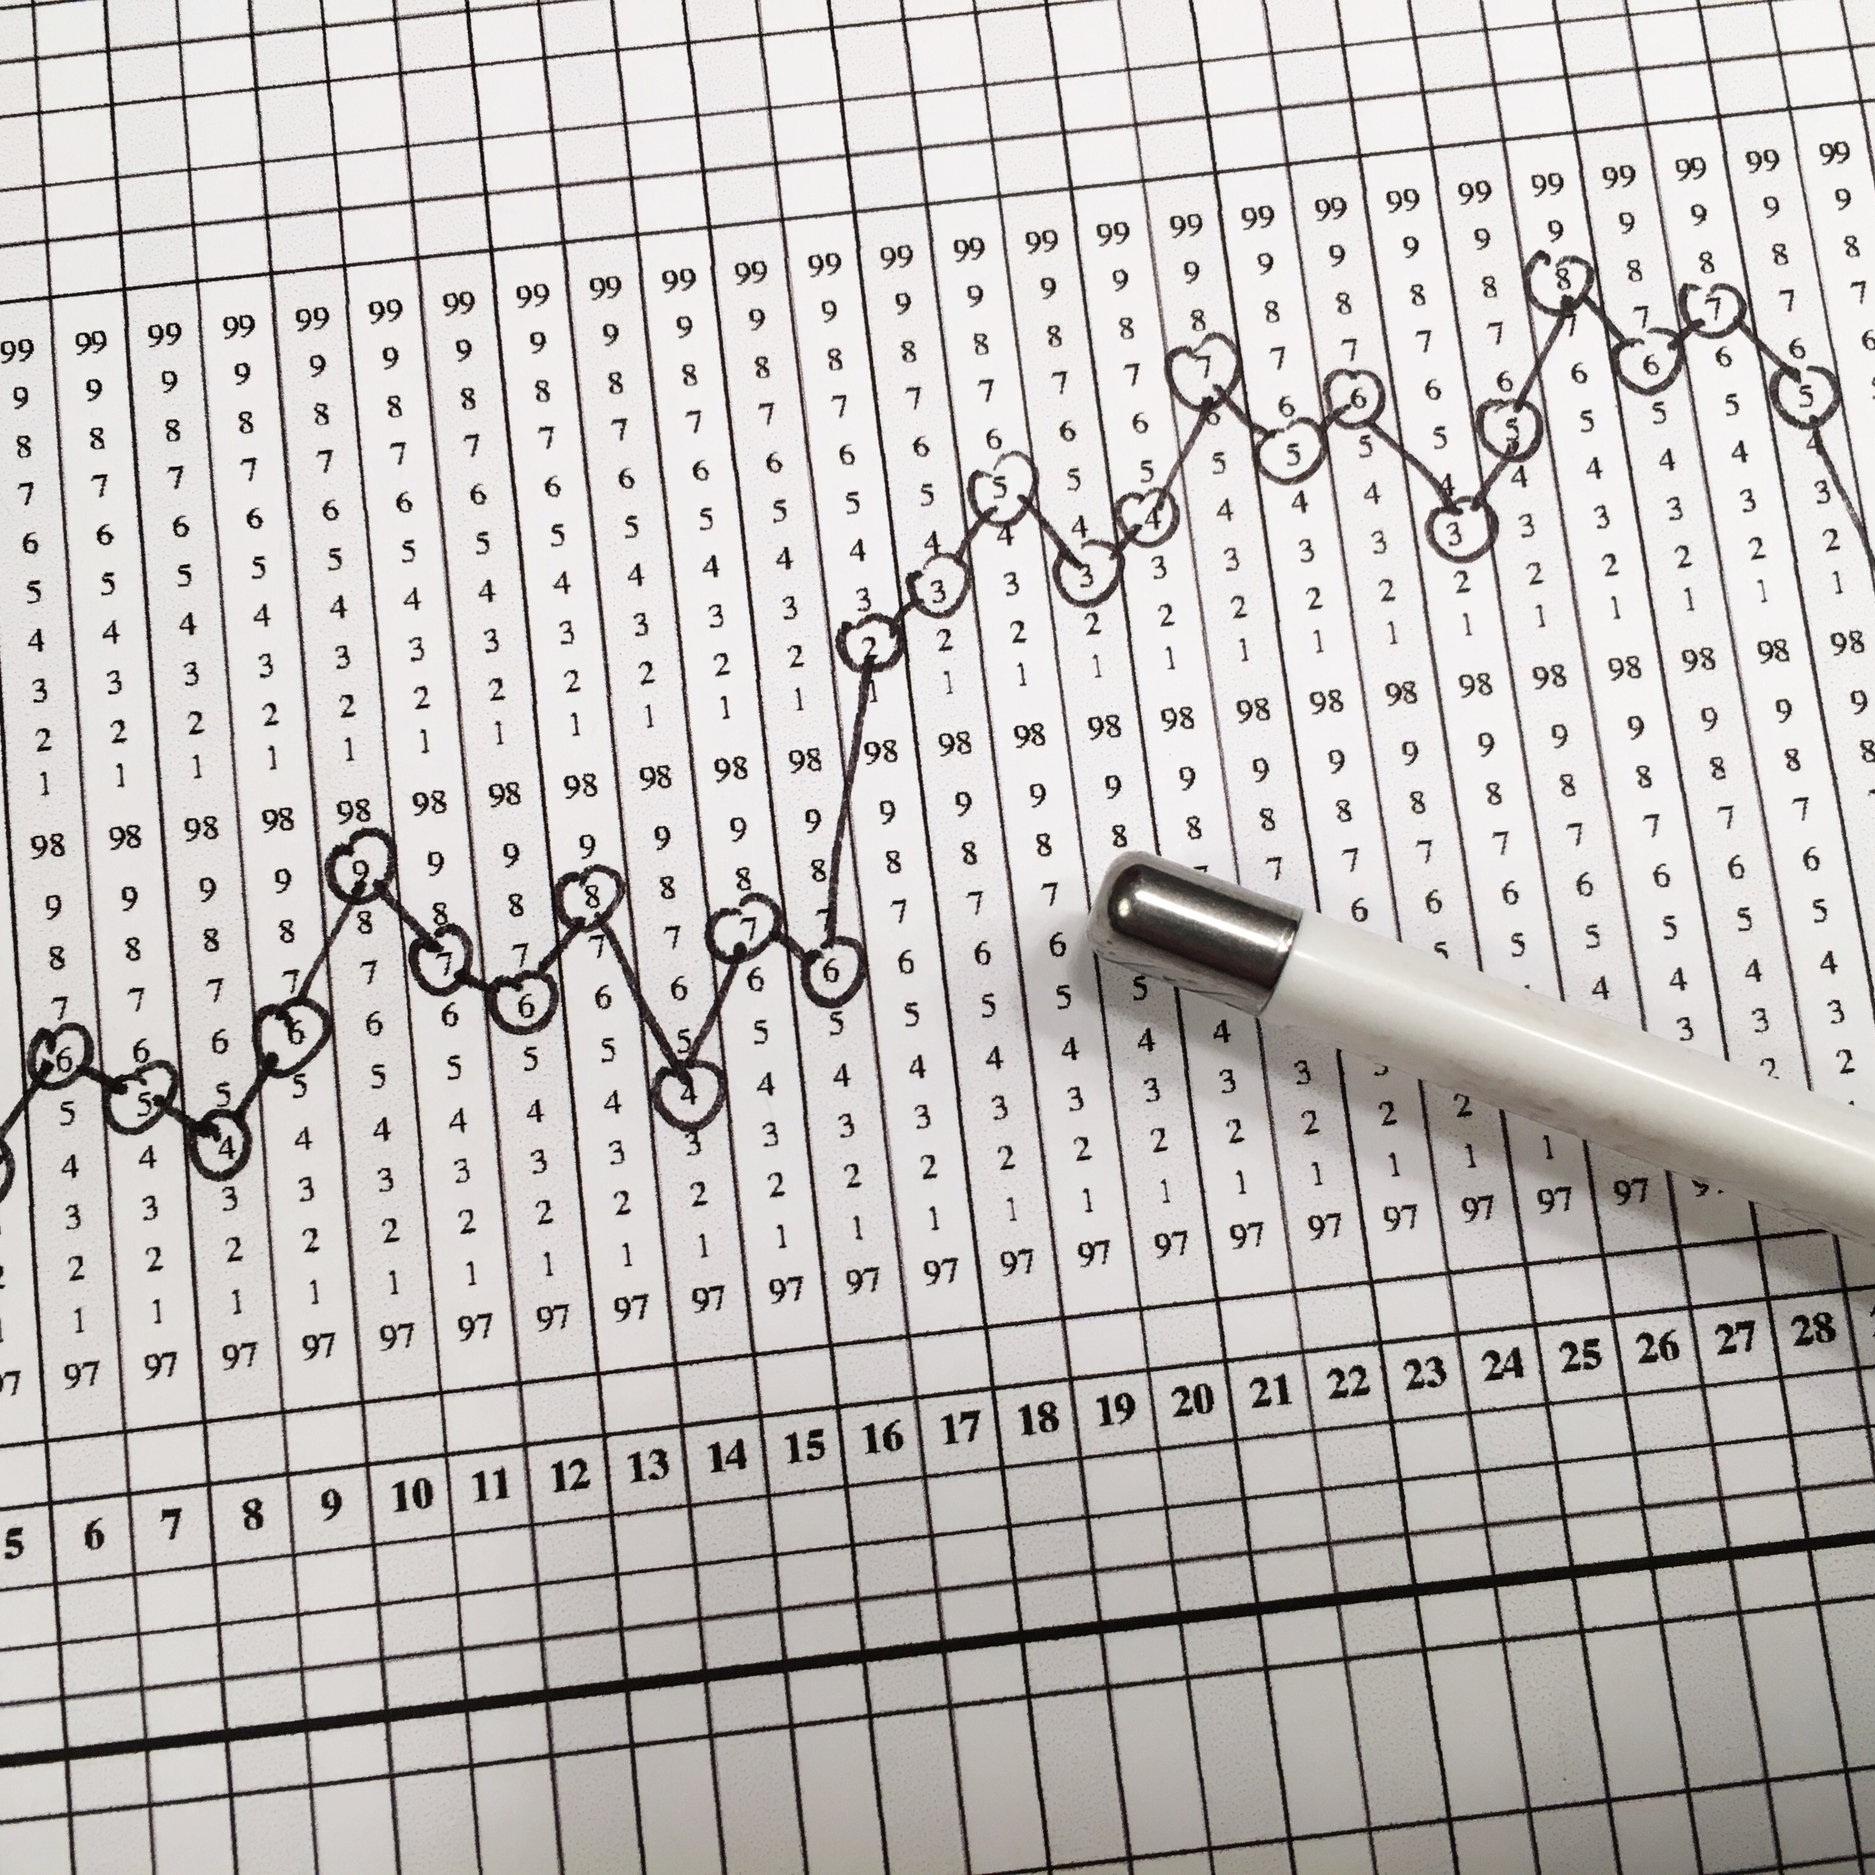 FAM+chart.jpg